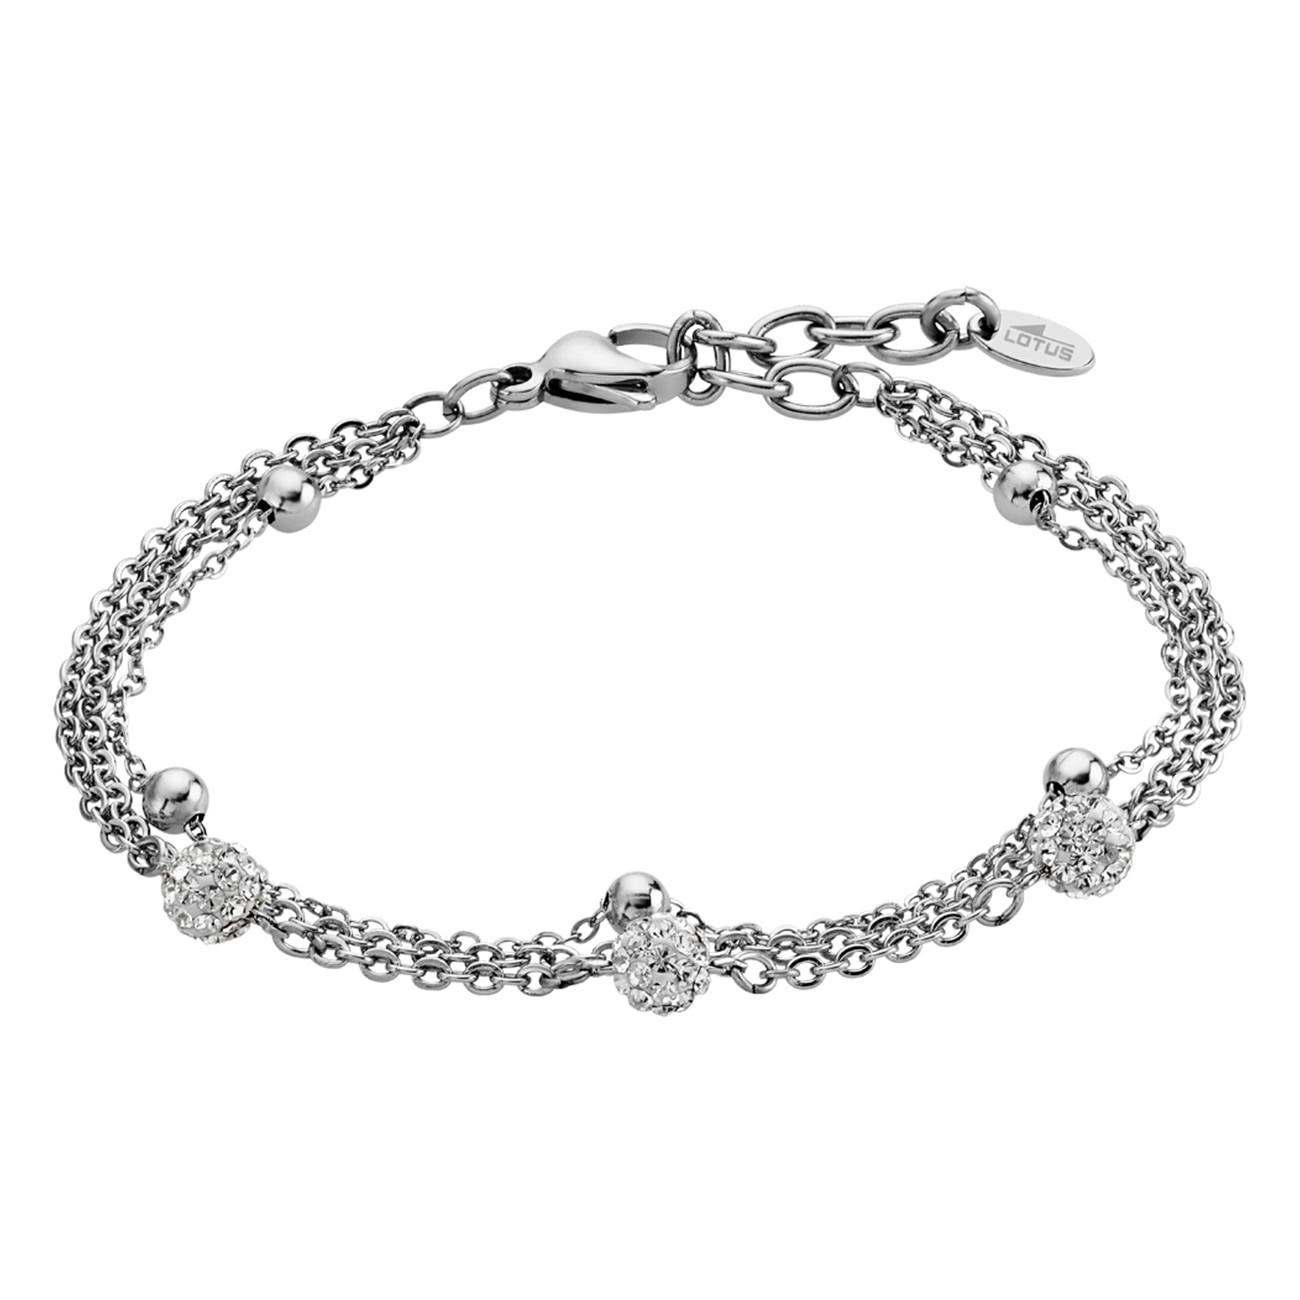 LOTUS Style Armband Damen Edelstahl silber LS1776-2/1 Multilayer JLS1776-2-1